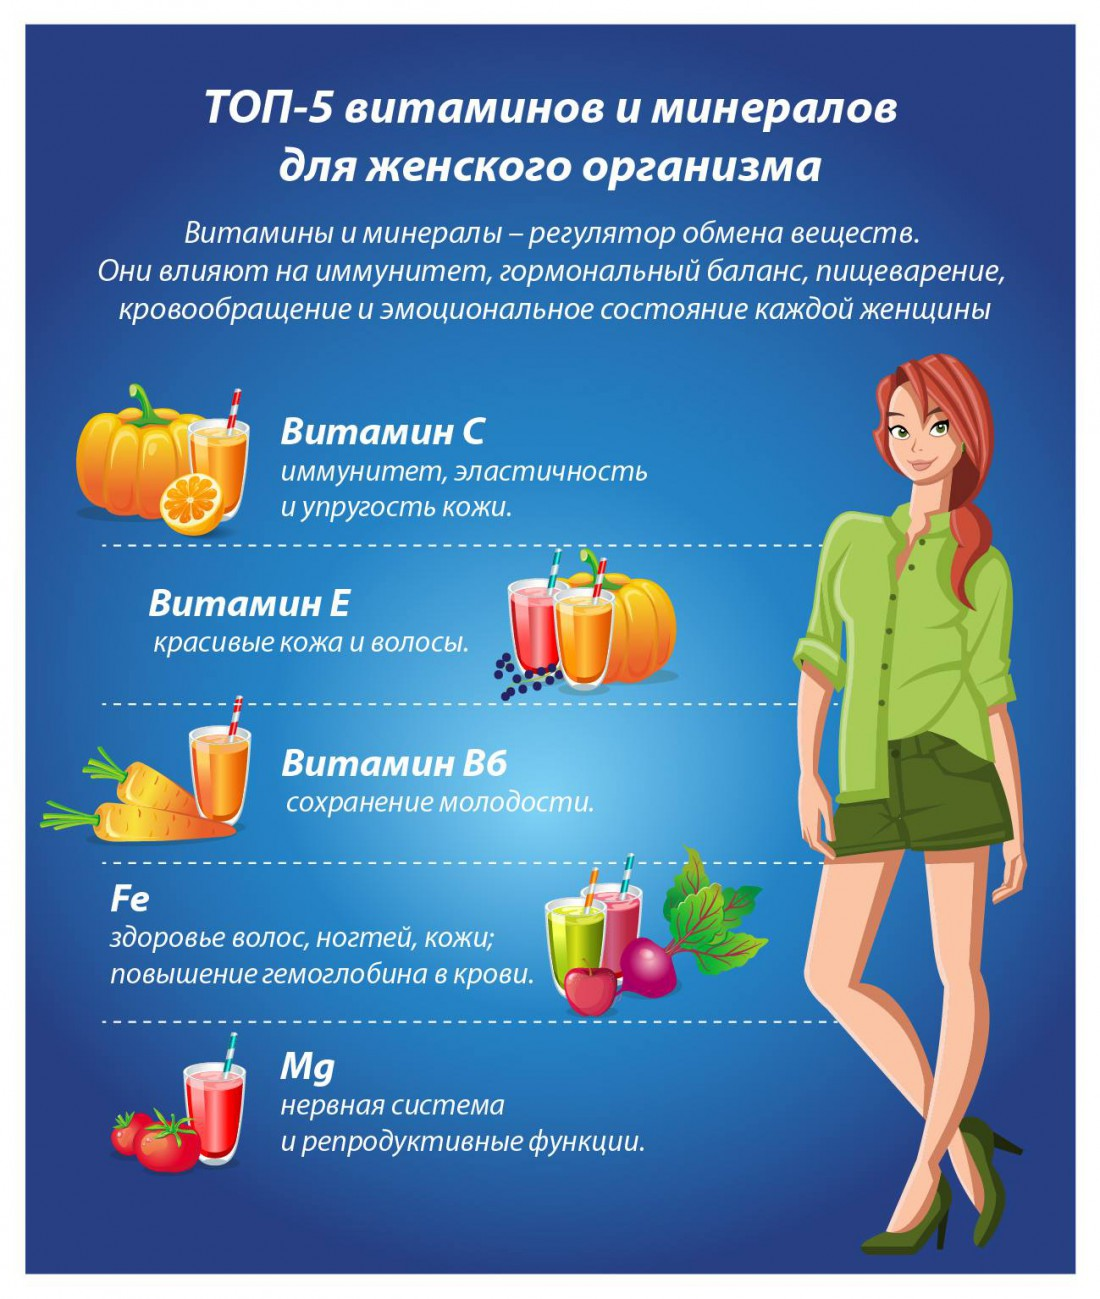 Женские половые гормоны и Витамины для женщин